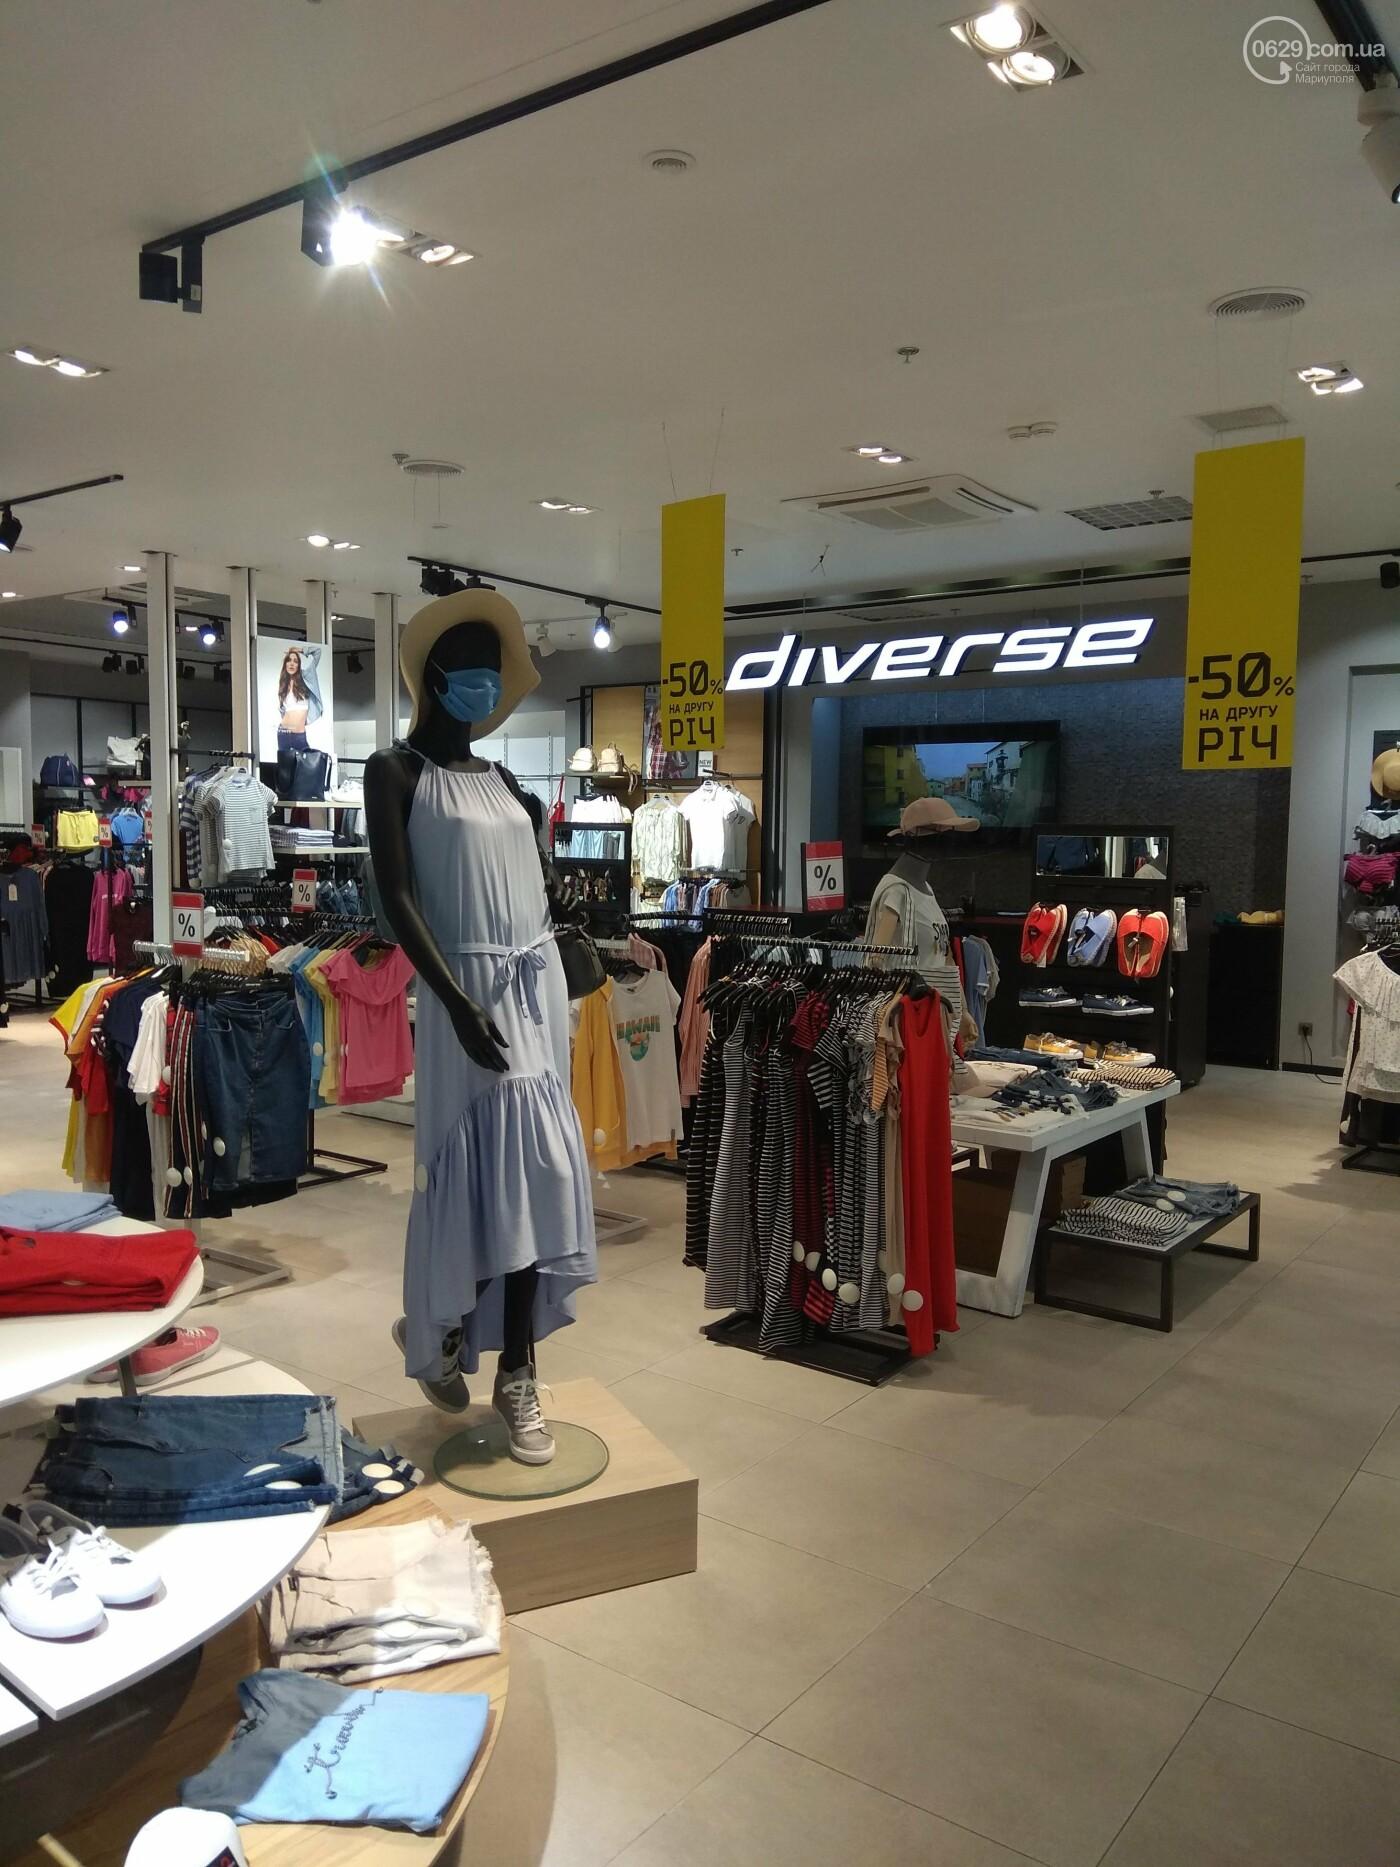 Годовщина открытия магазина DIVERSE, уже 04.06.2020 - 30% на весь товар, фото-3